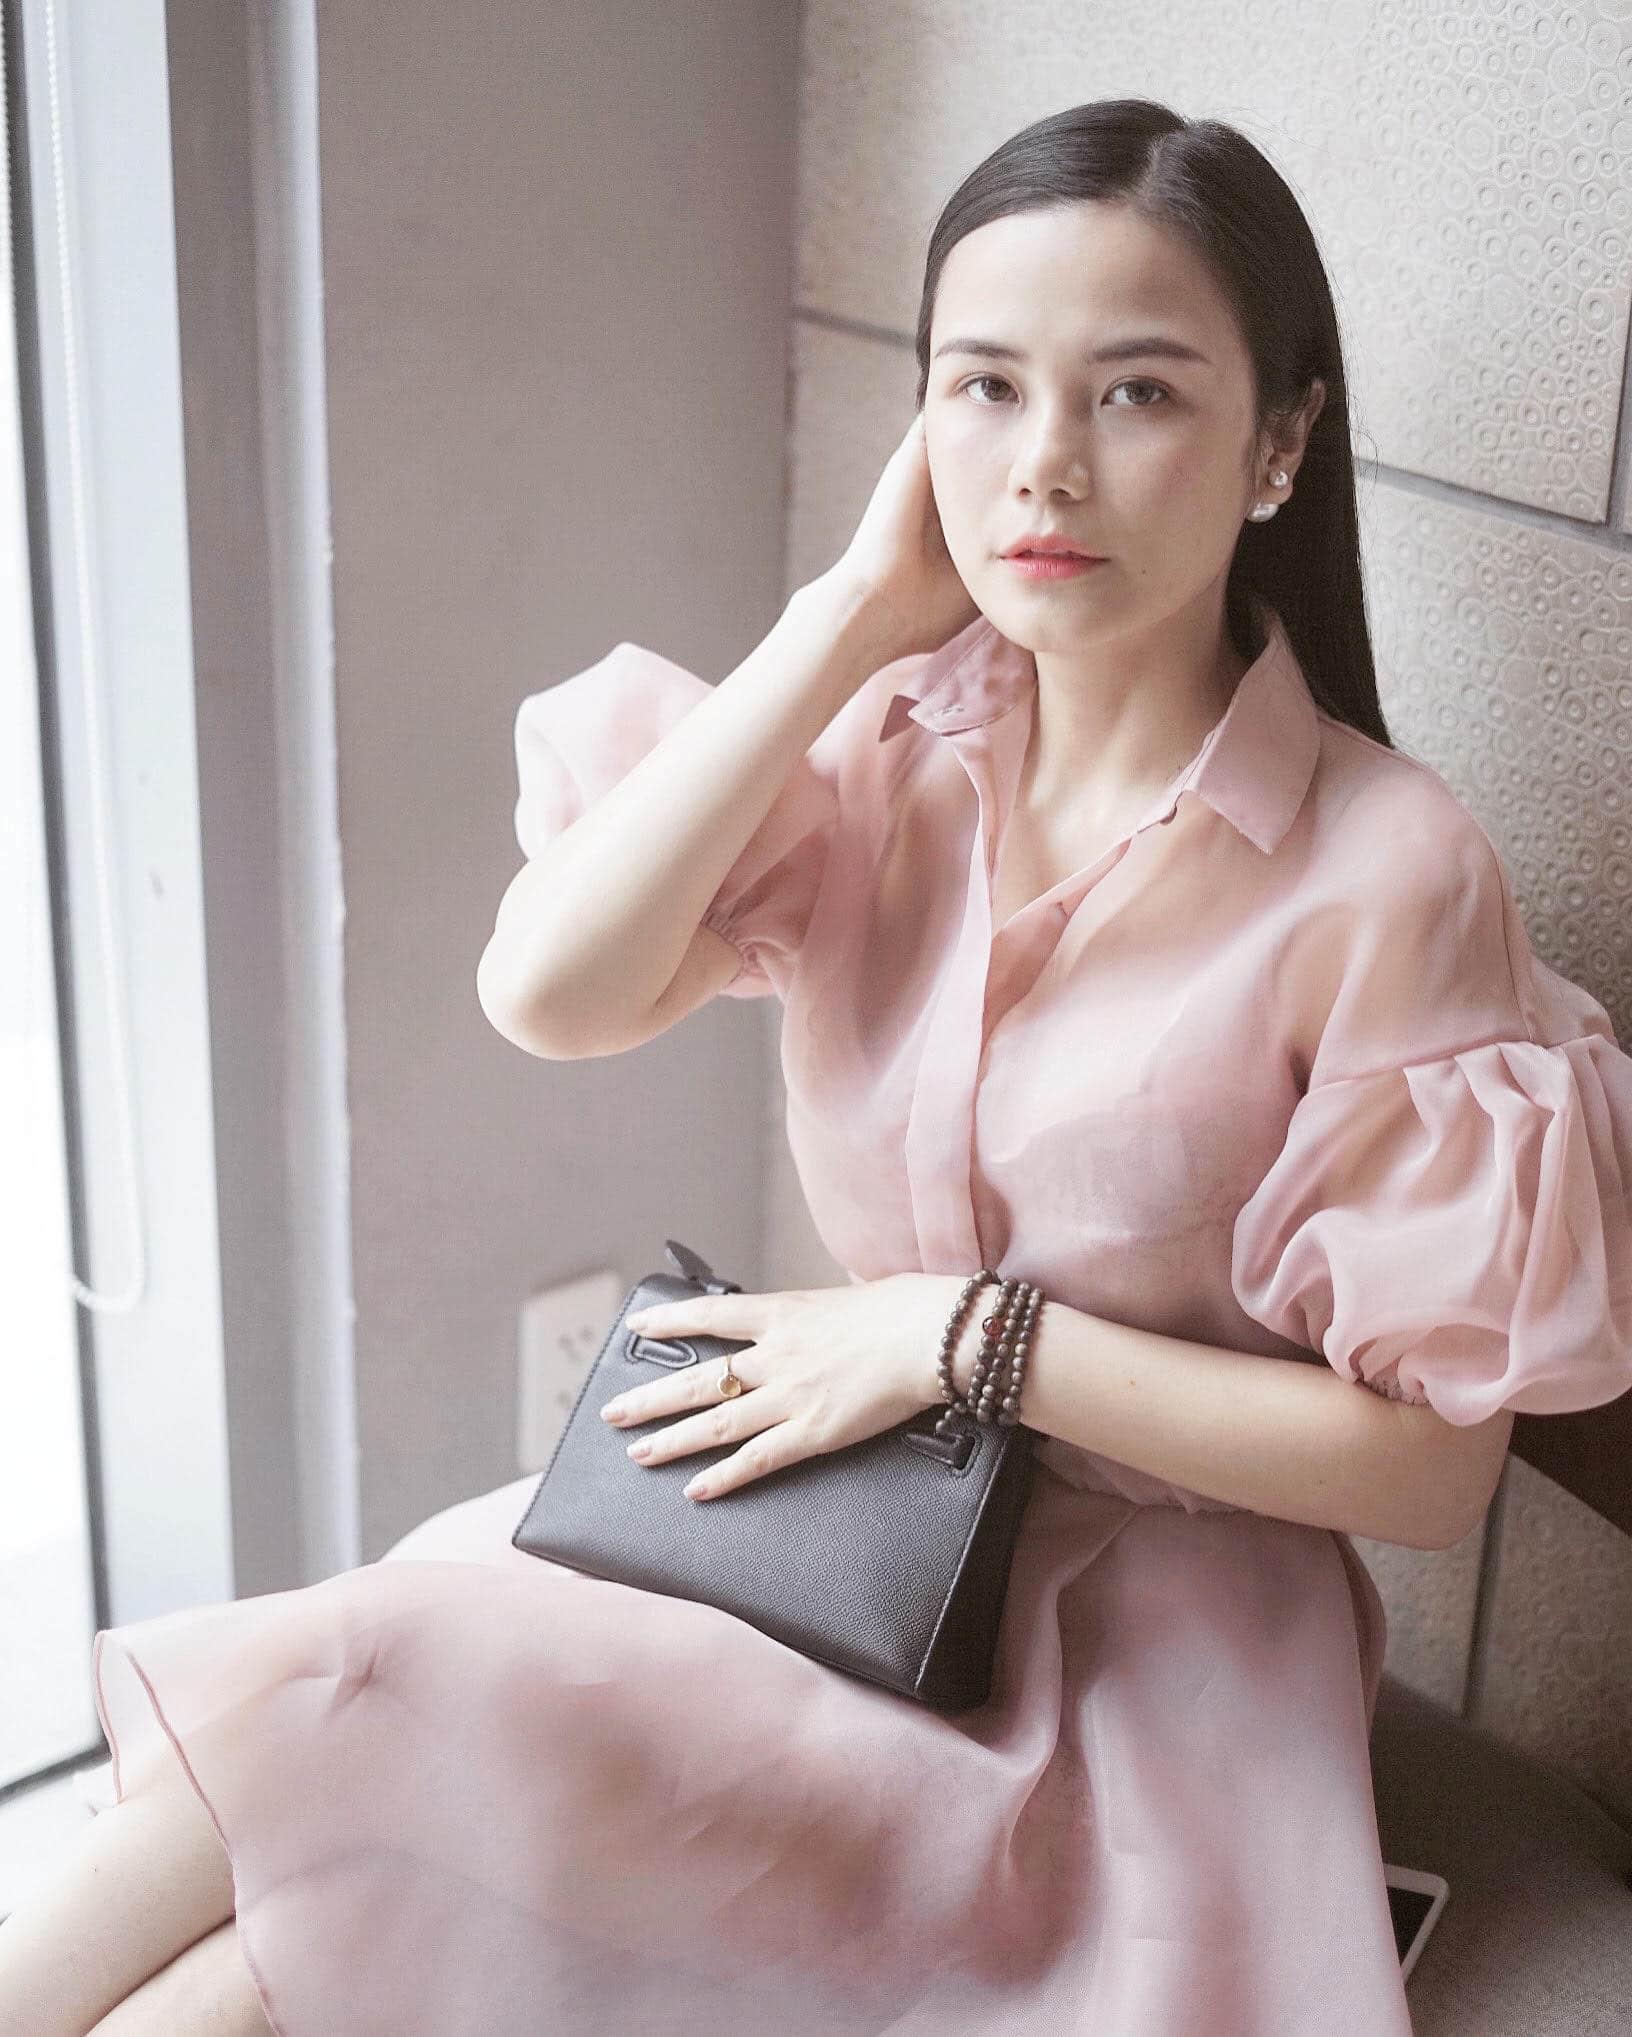 Image #1 from Hong Hanh